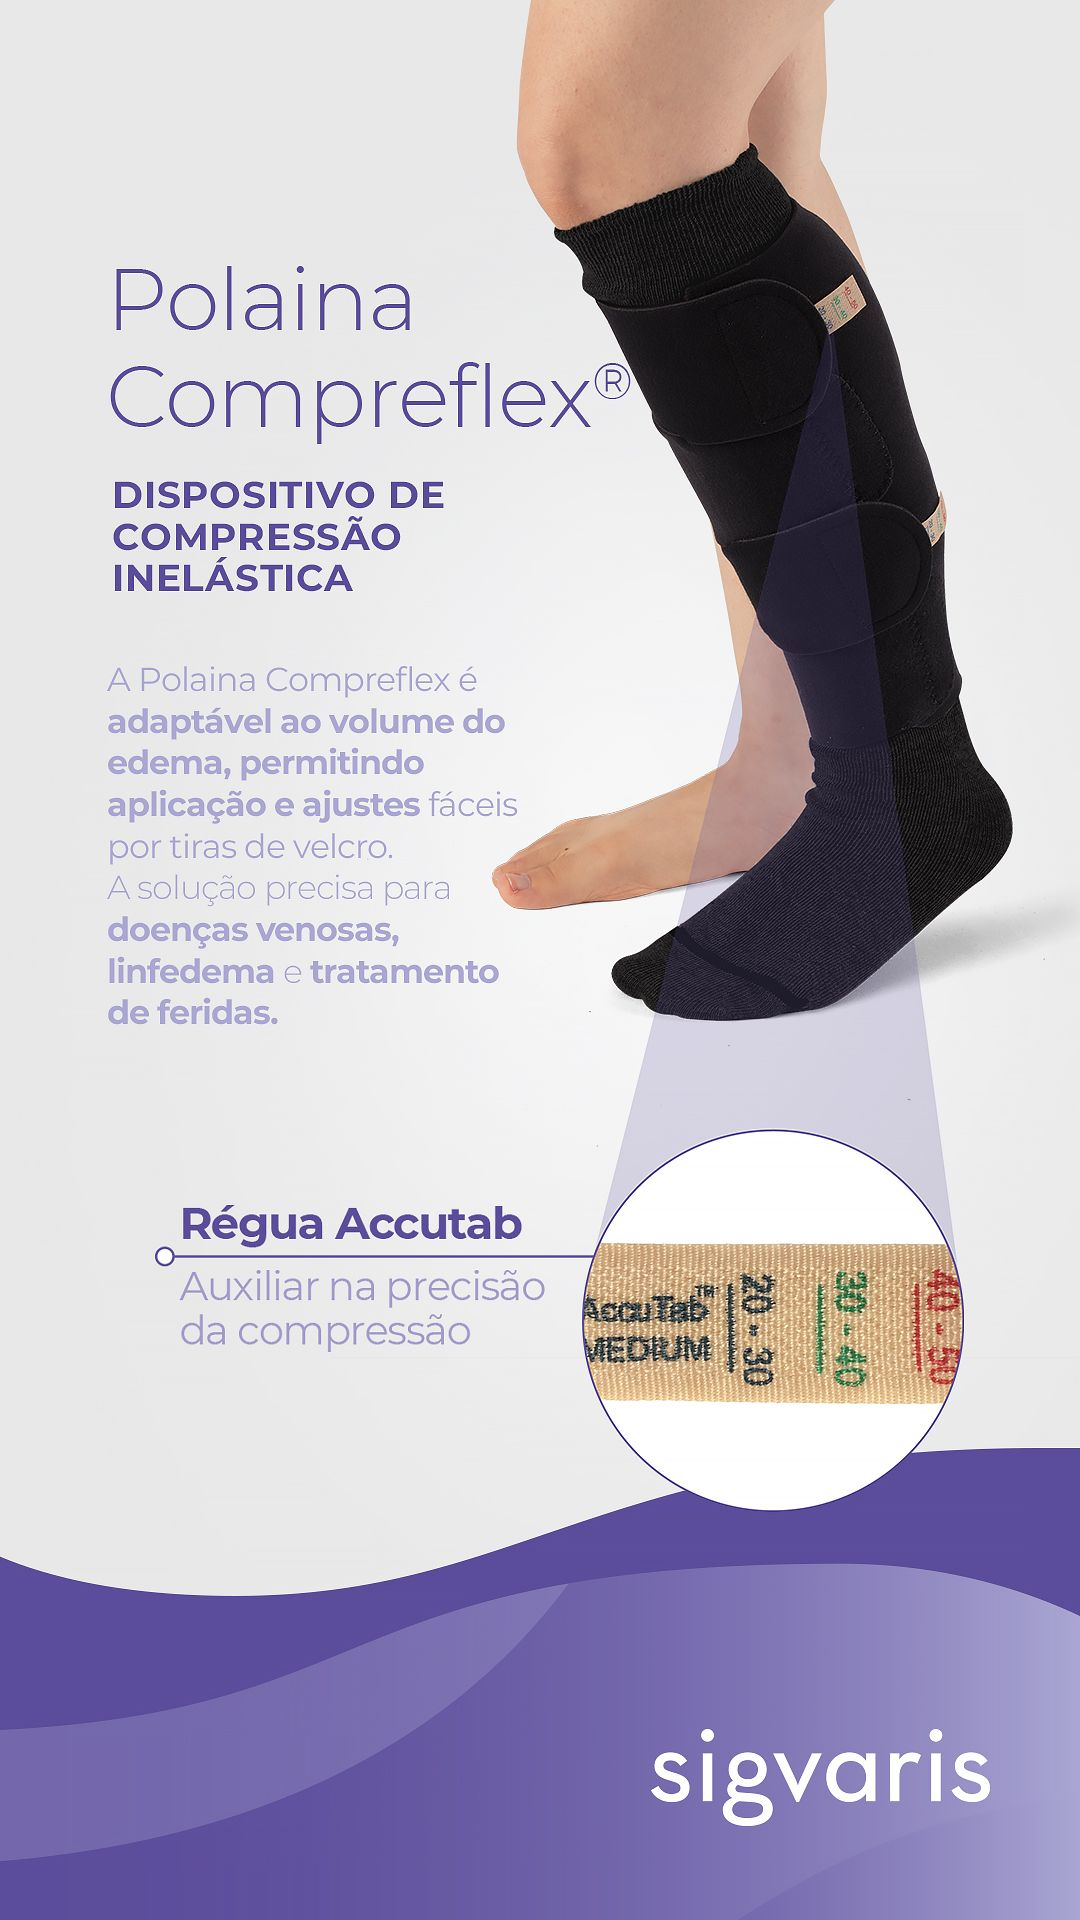 Polaina Compreflex - Dispositivo de compressão Inelástica - Sigvaris